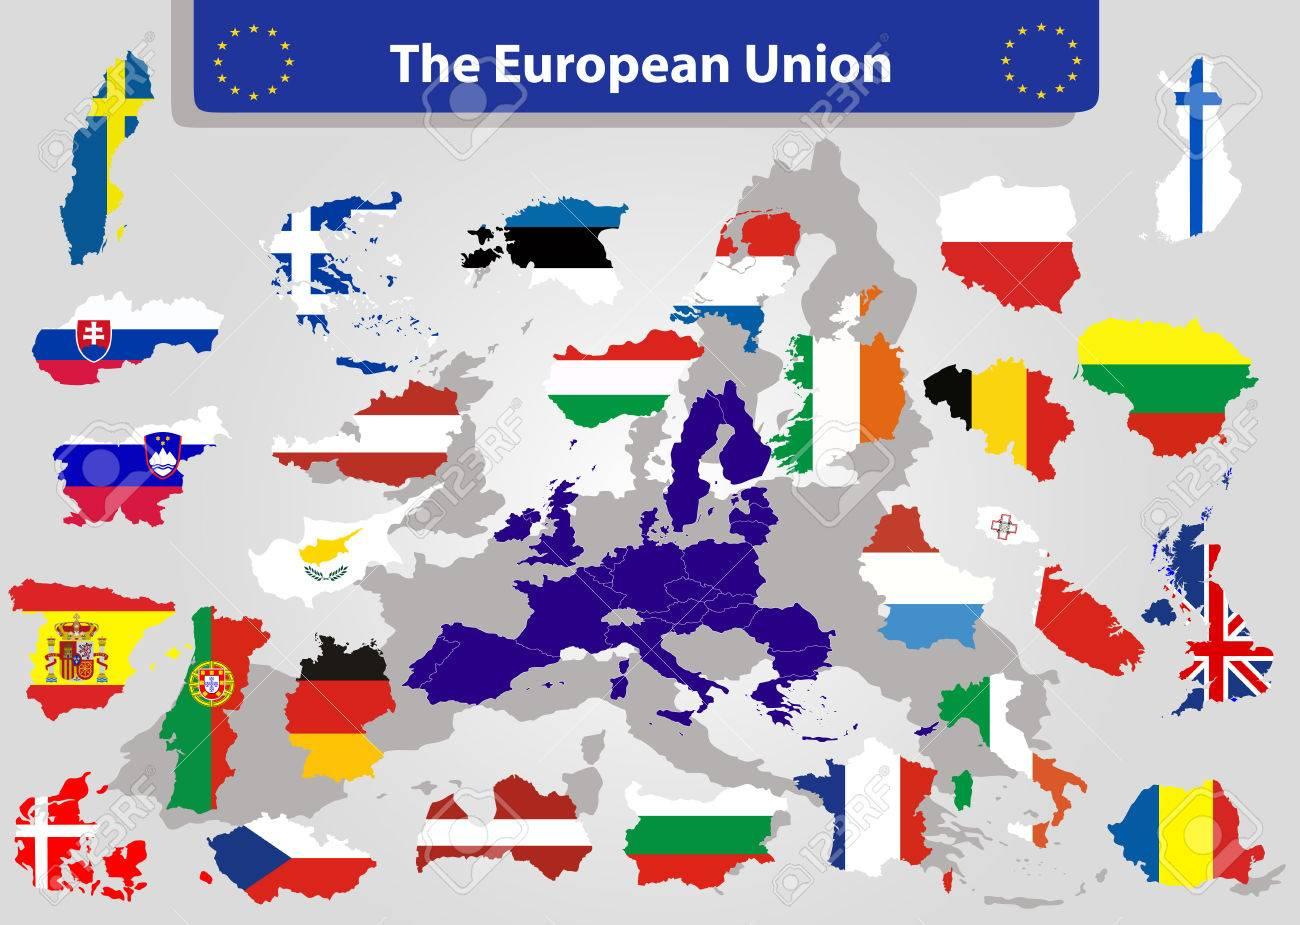 La Carte De L'union Européenne Et Tous Les Pays Drapeaux Des Pays Membres  De L'union Européenne Superposées Sur Fond De Carte avec Carte Pays Union Européenne